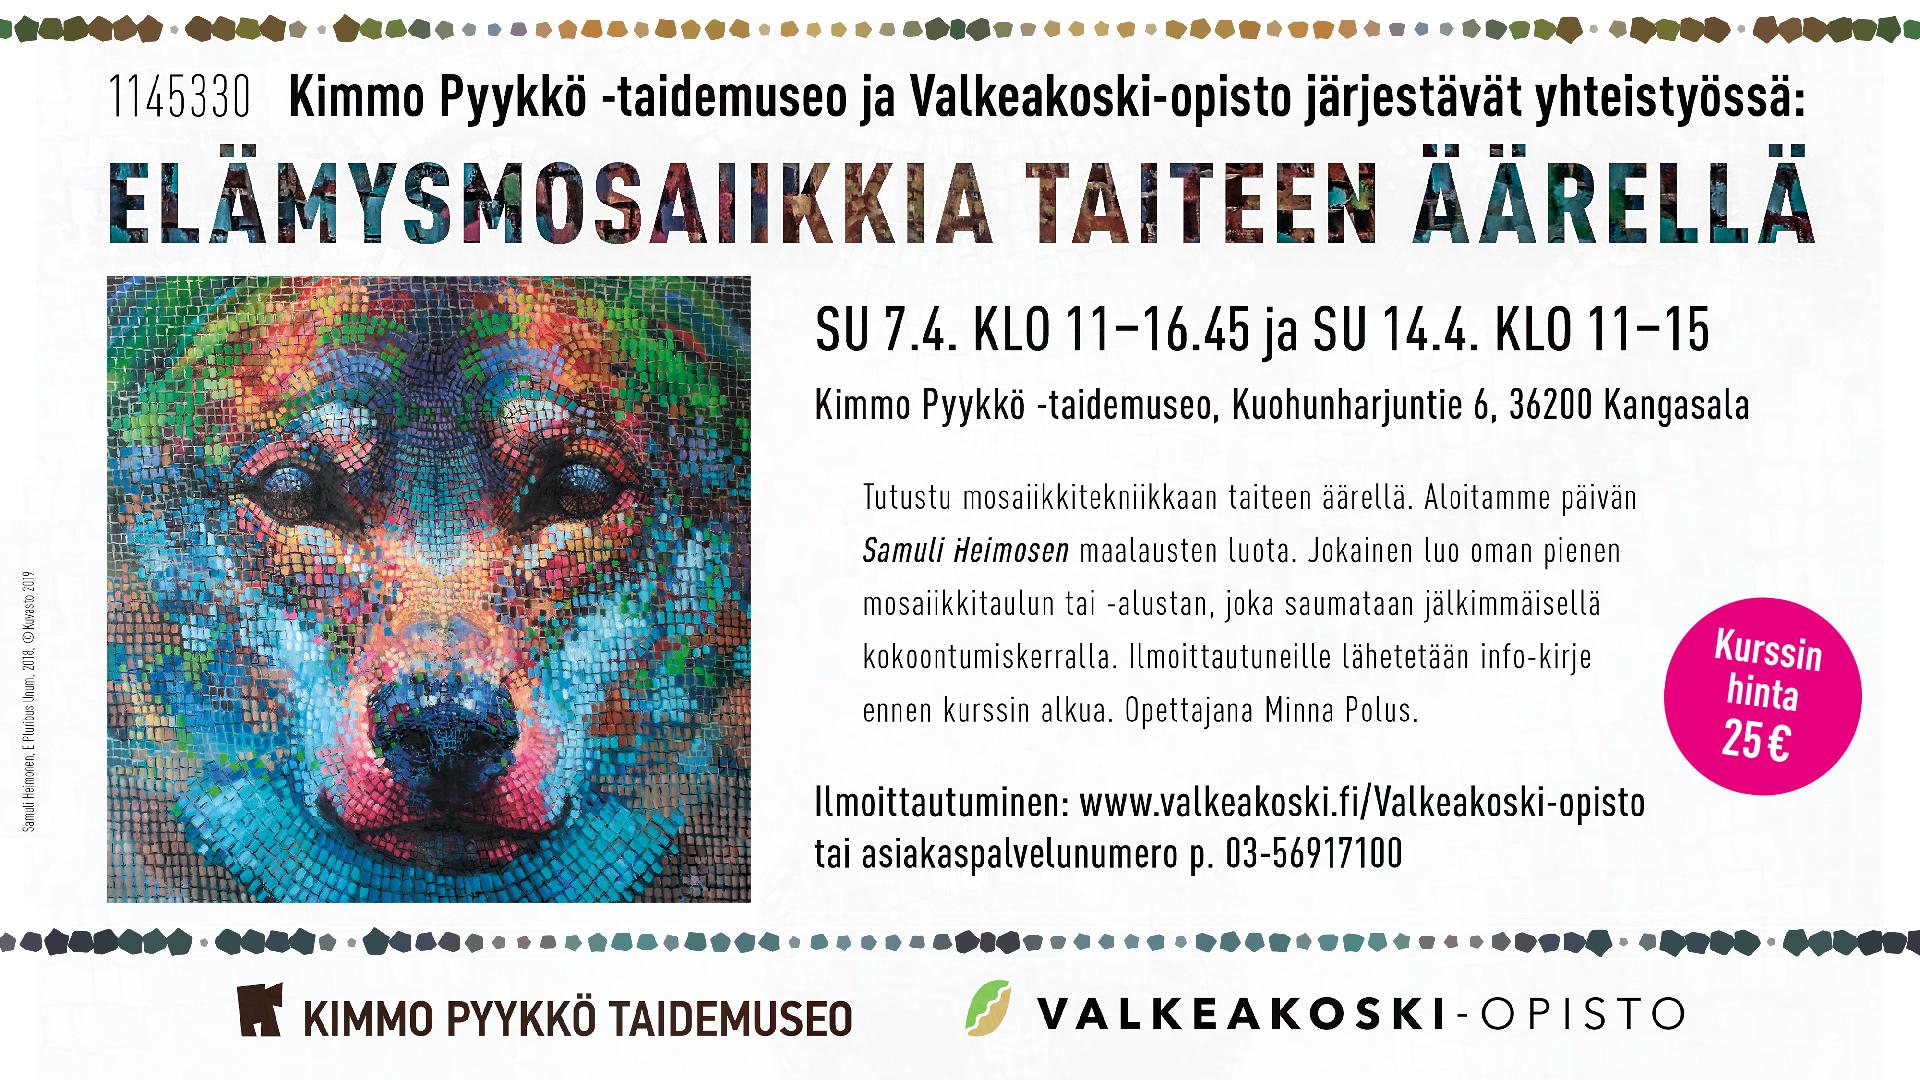 Mosaiikkikurssi Kimmo Pyykkö -taidemuseossa